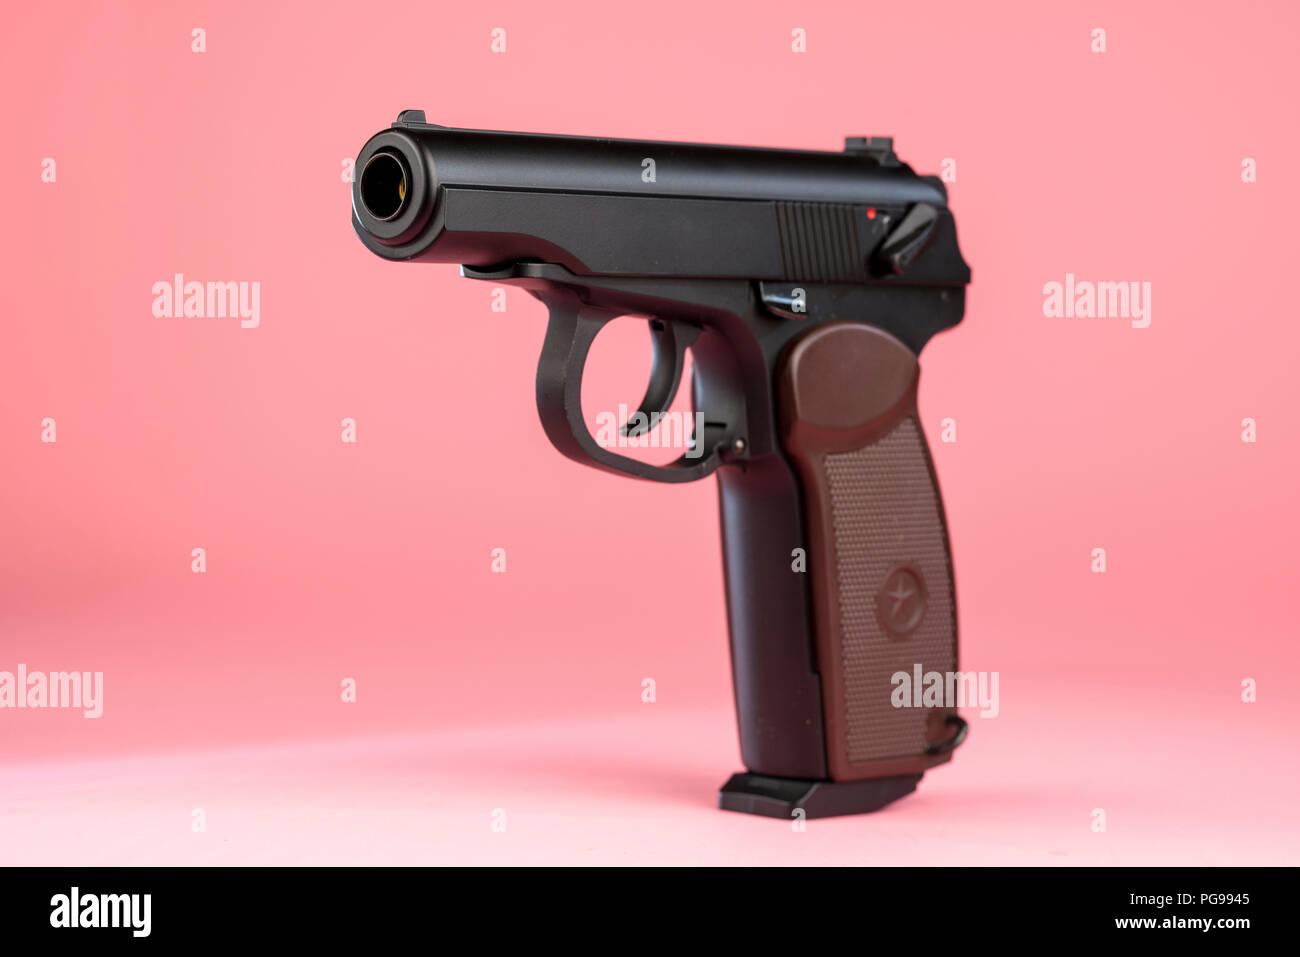 Handgun. - Stock Image